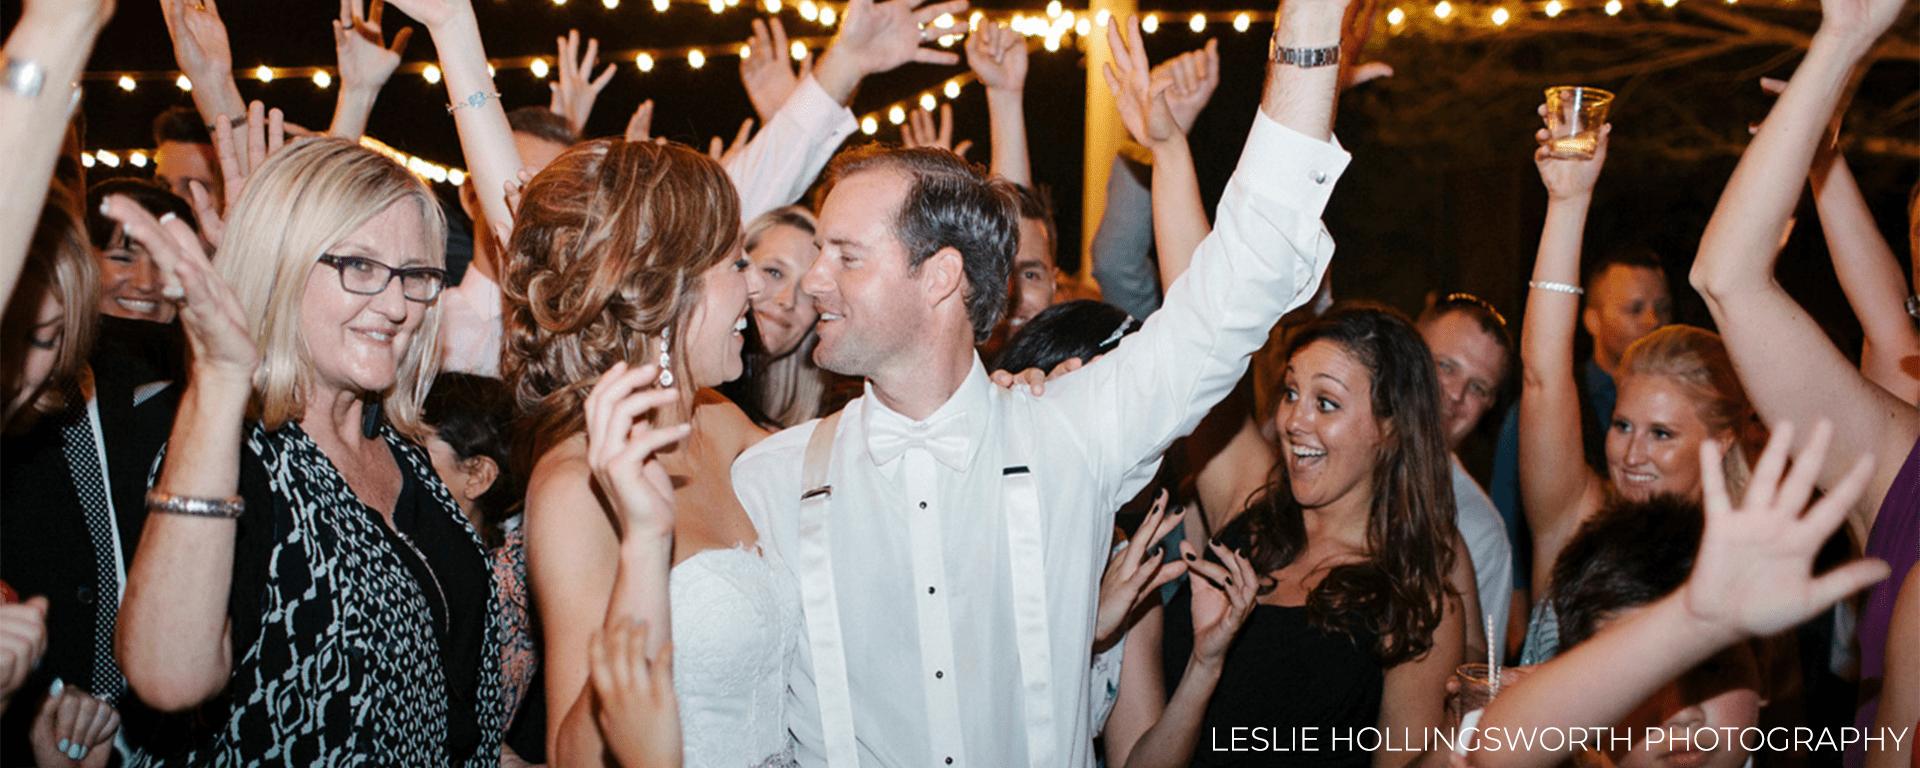 Wedding attendees dancing on the dance floor